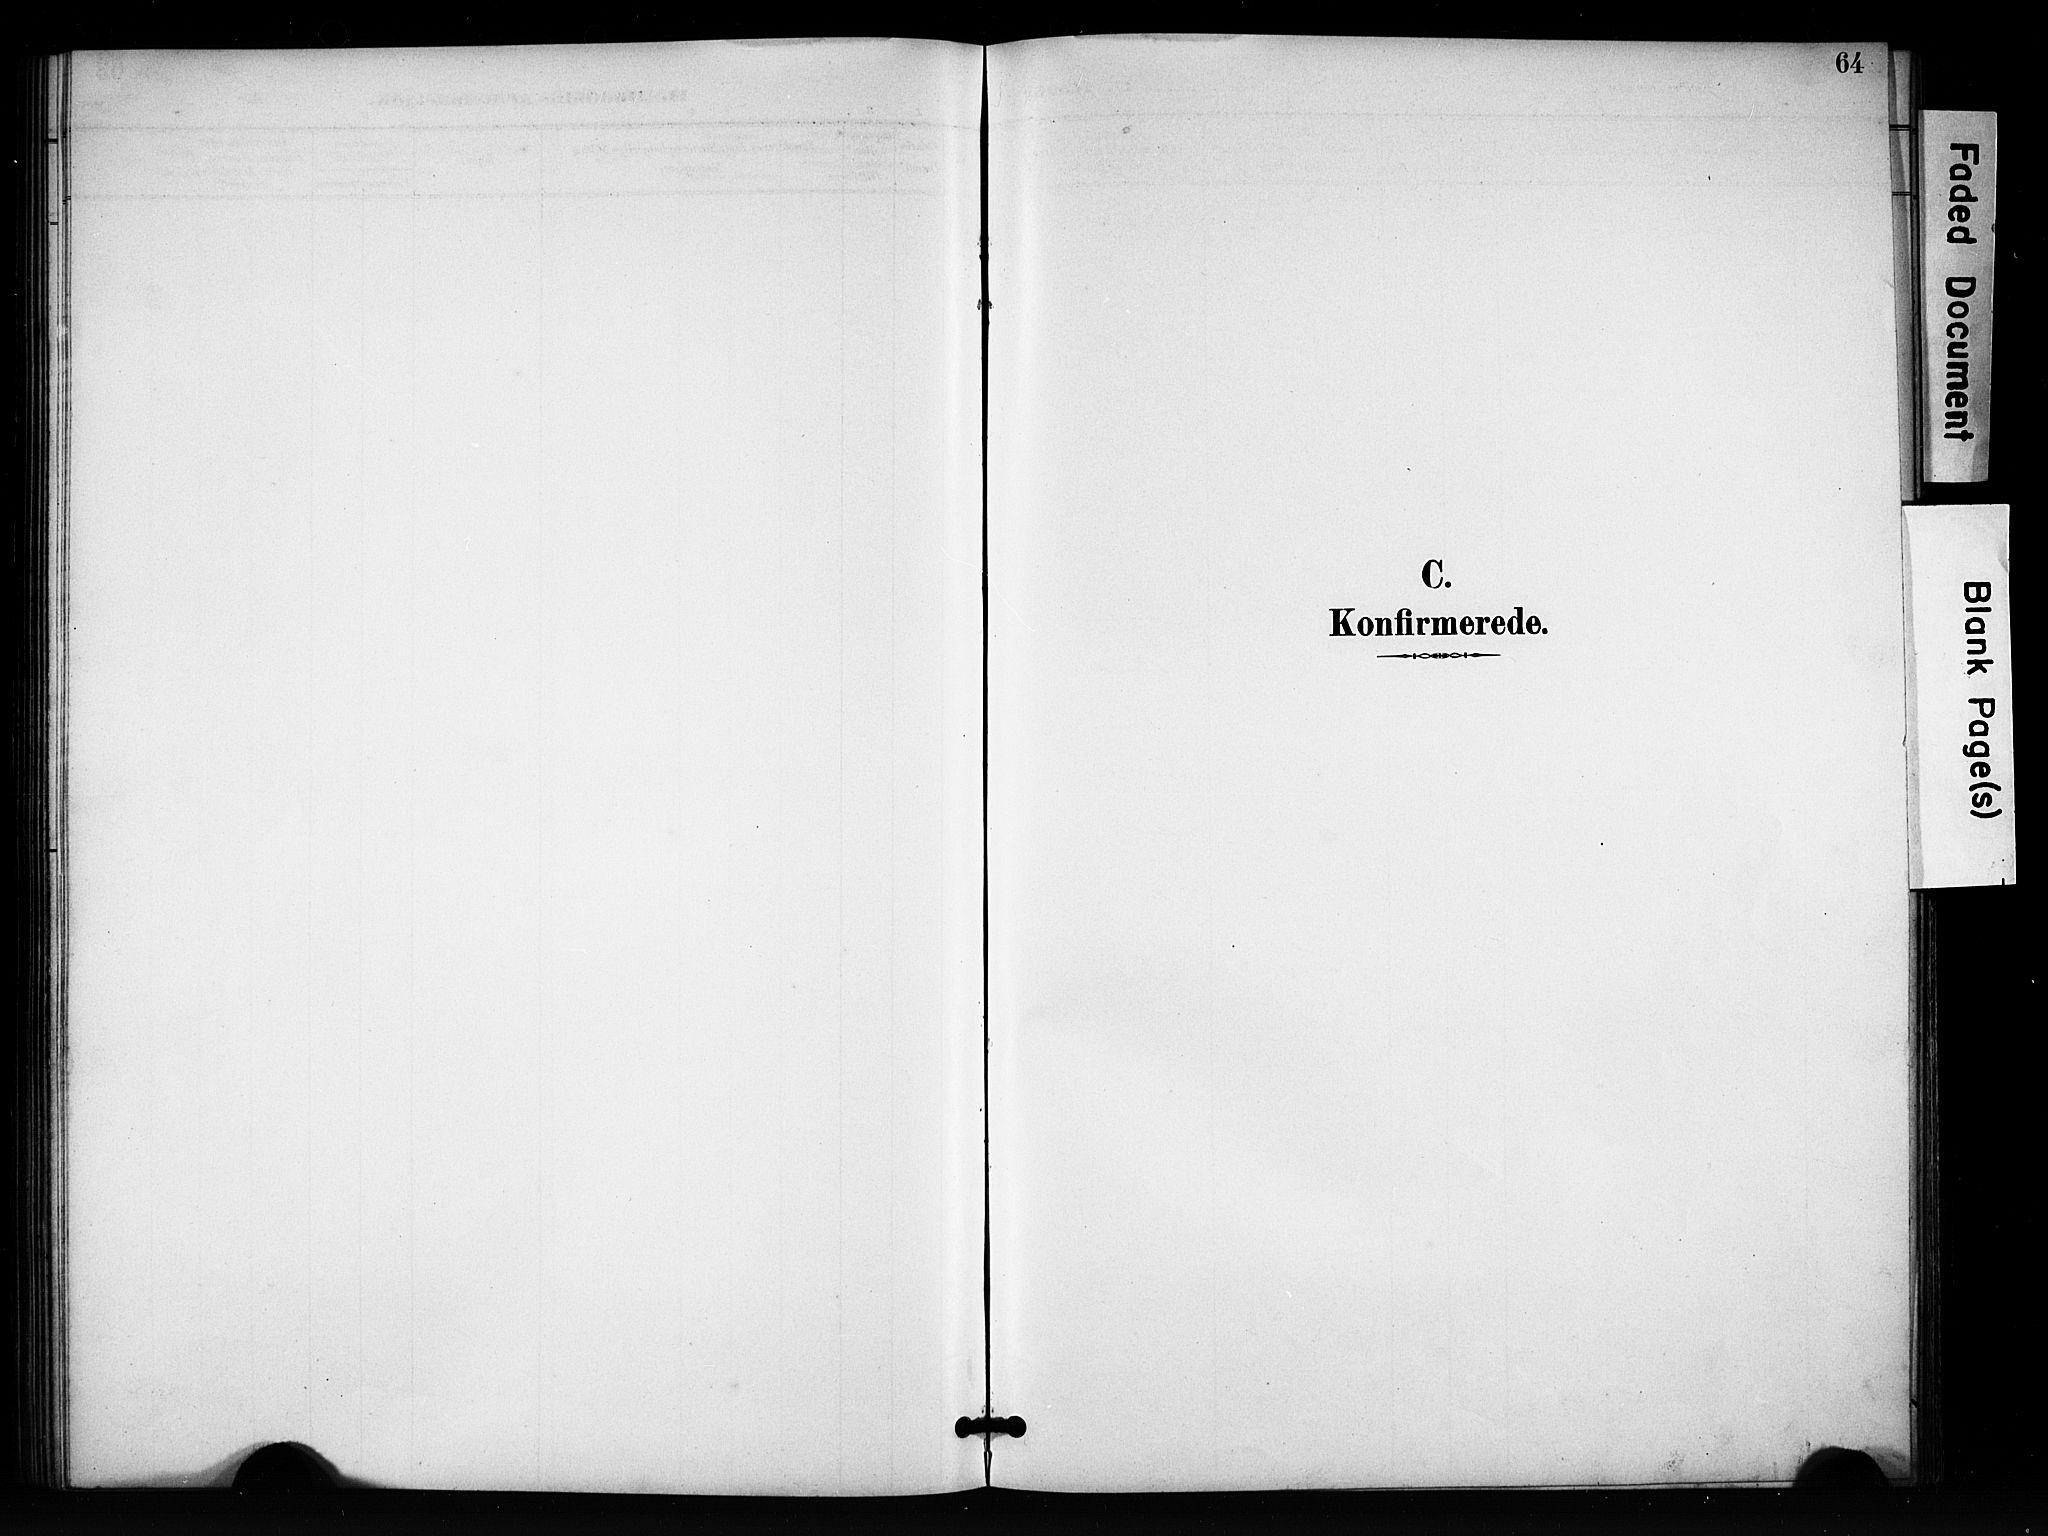 SAH, Vang prestekontor, Valdres, Klokkerbok nr. 7, 1893-1924, s. 64